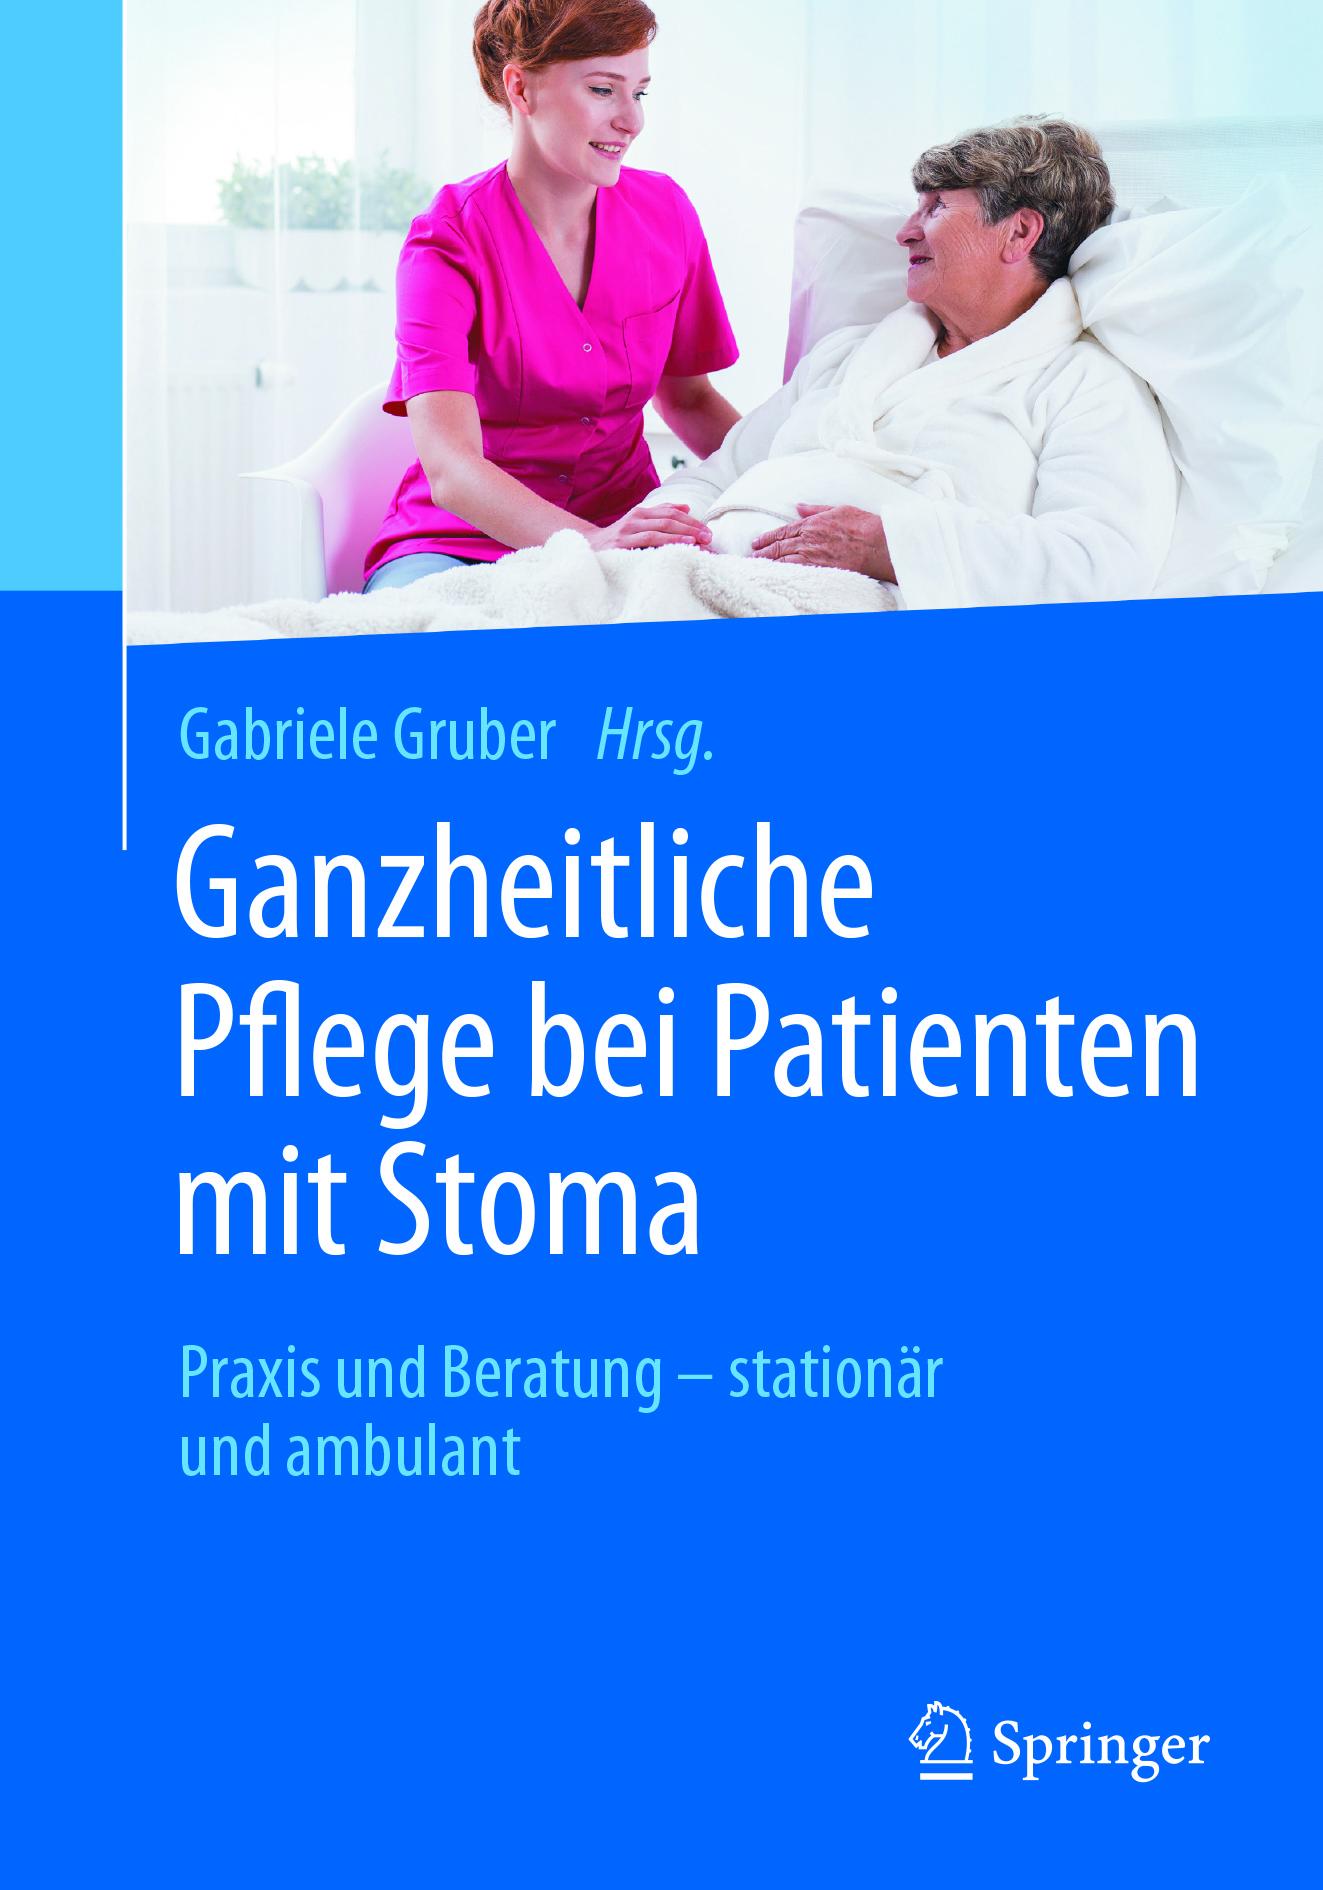 Gruber, Gabriele - Ganzheitliche Pflege bei Patienten mit Stoma, ebook